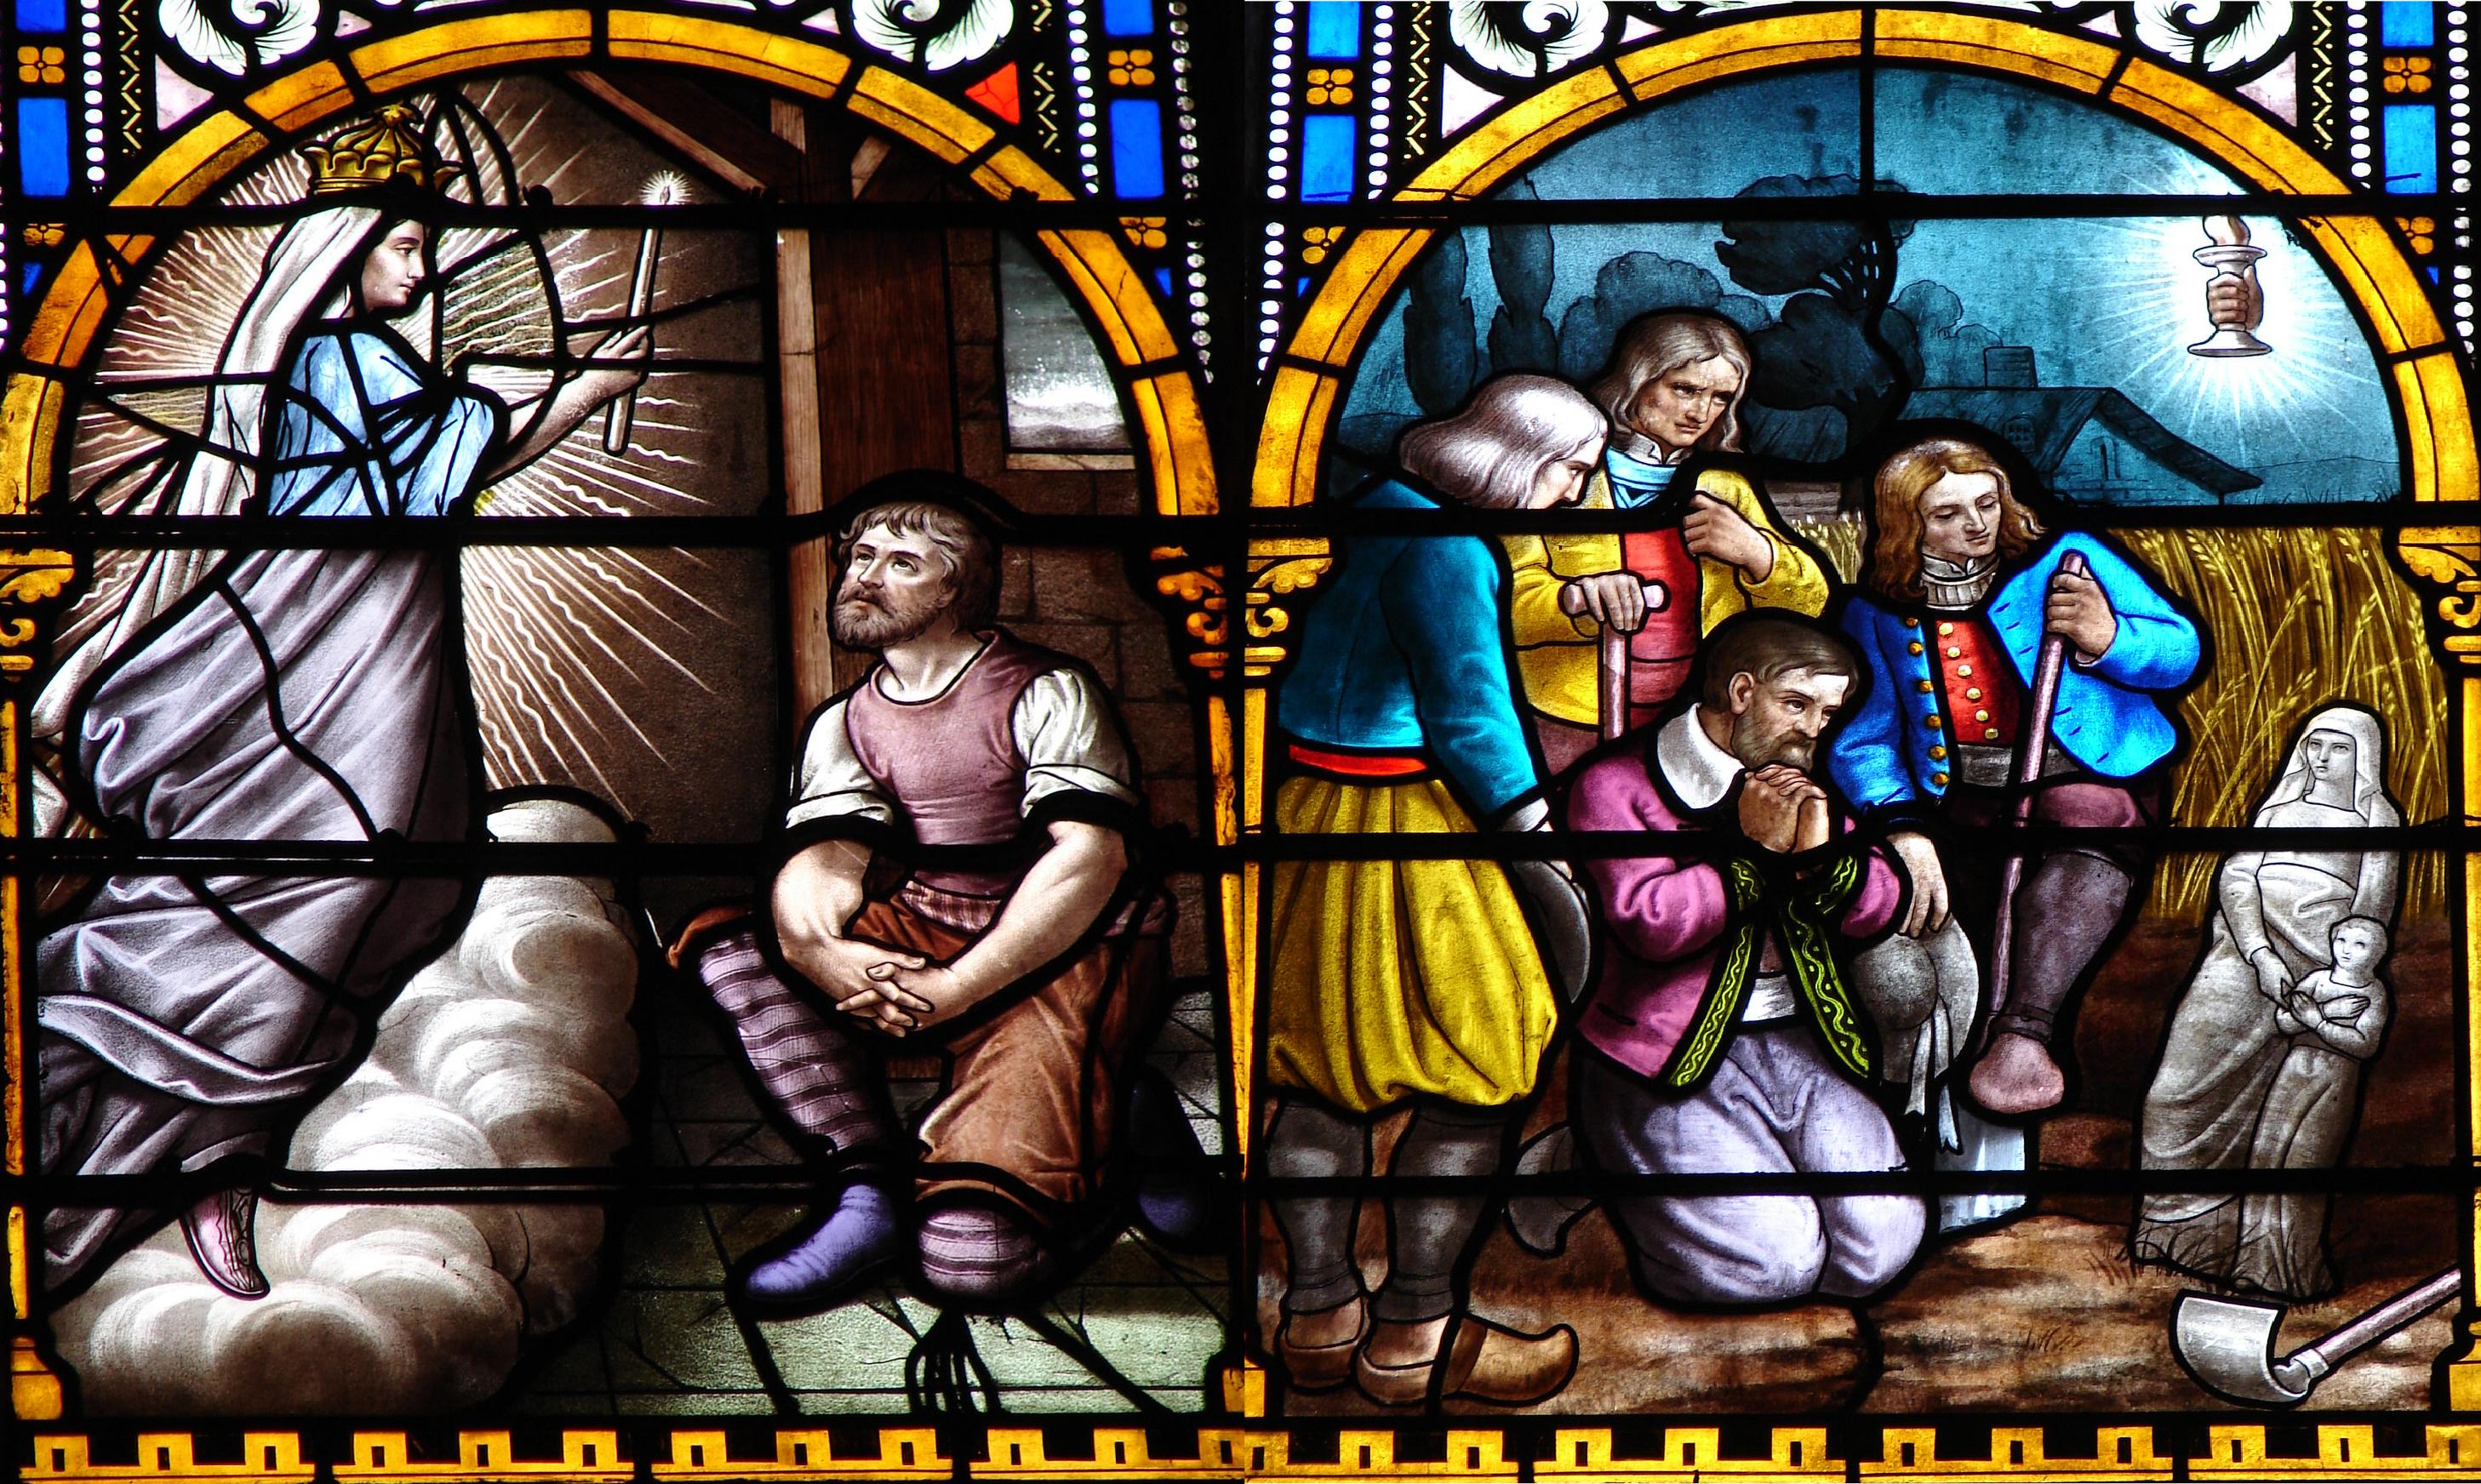 CALENDRIER CATHOLIQUE 2019 (Cantiques, Prières & Images) - Page 3 Apparation-de-ste-anne-auray-56665e5